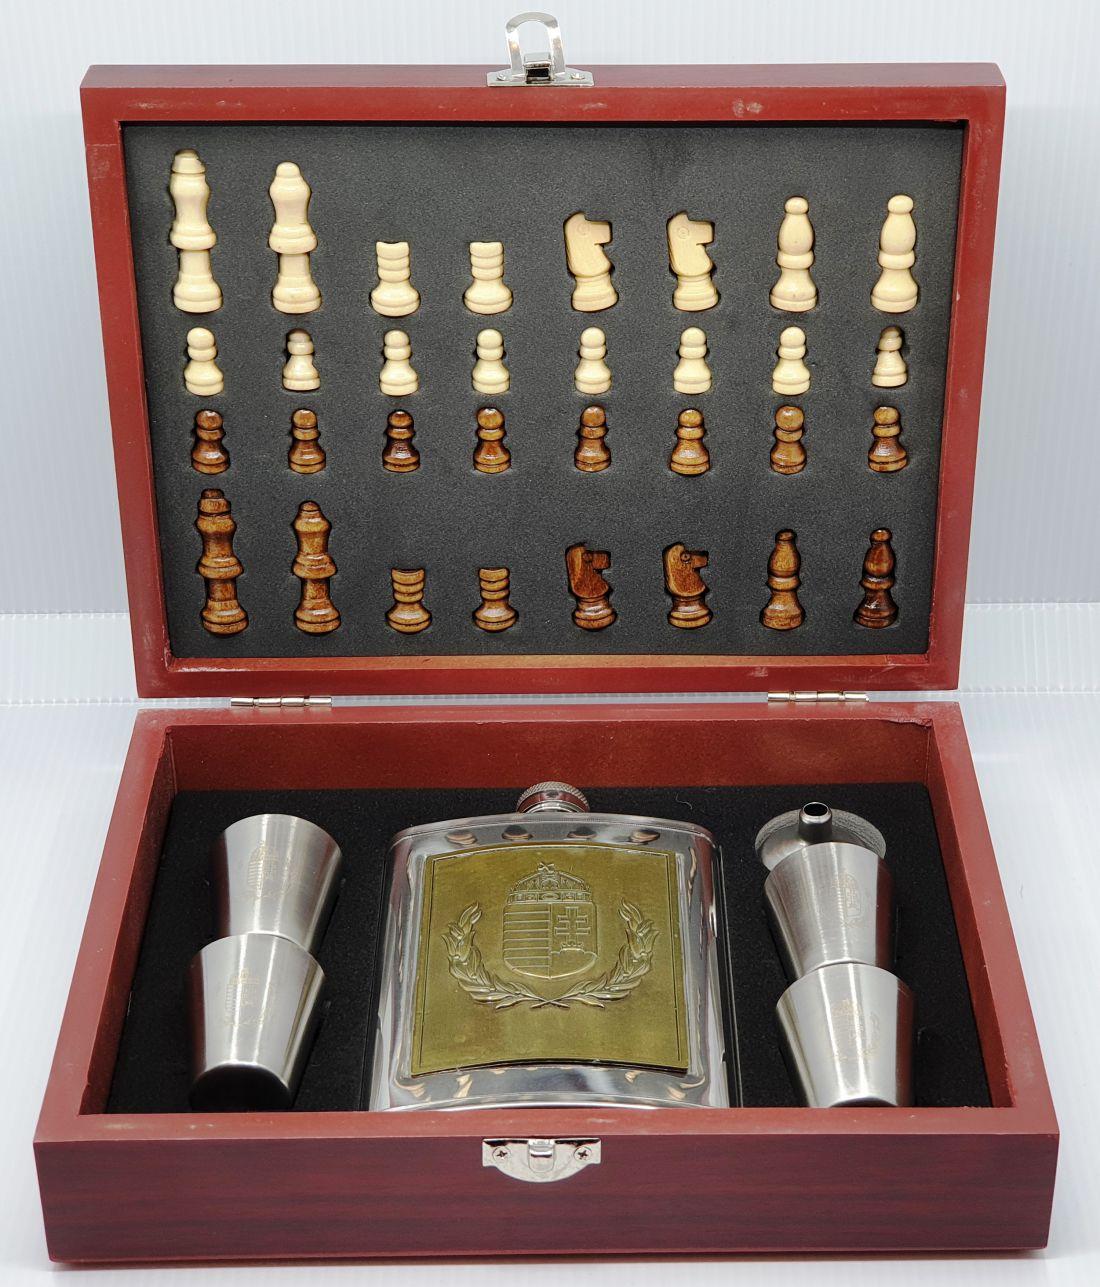 Flaska szett - Címeres, sakk készlettel